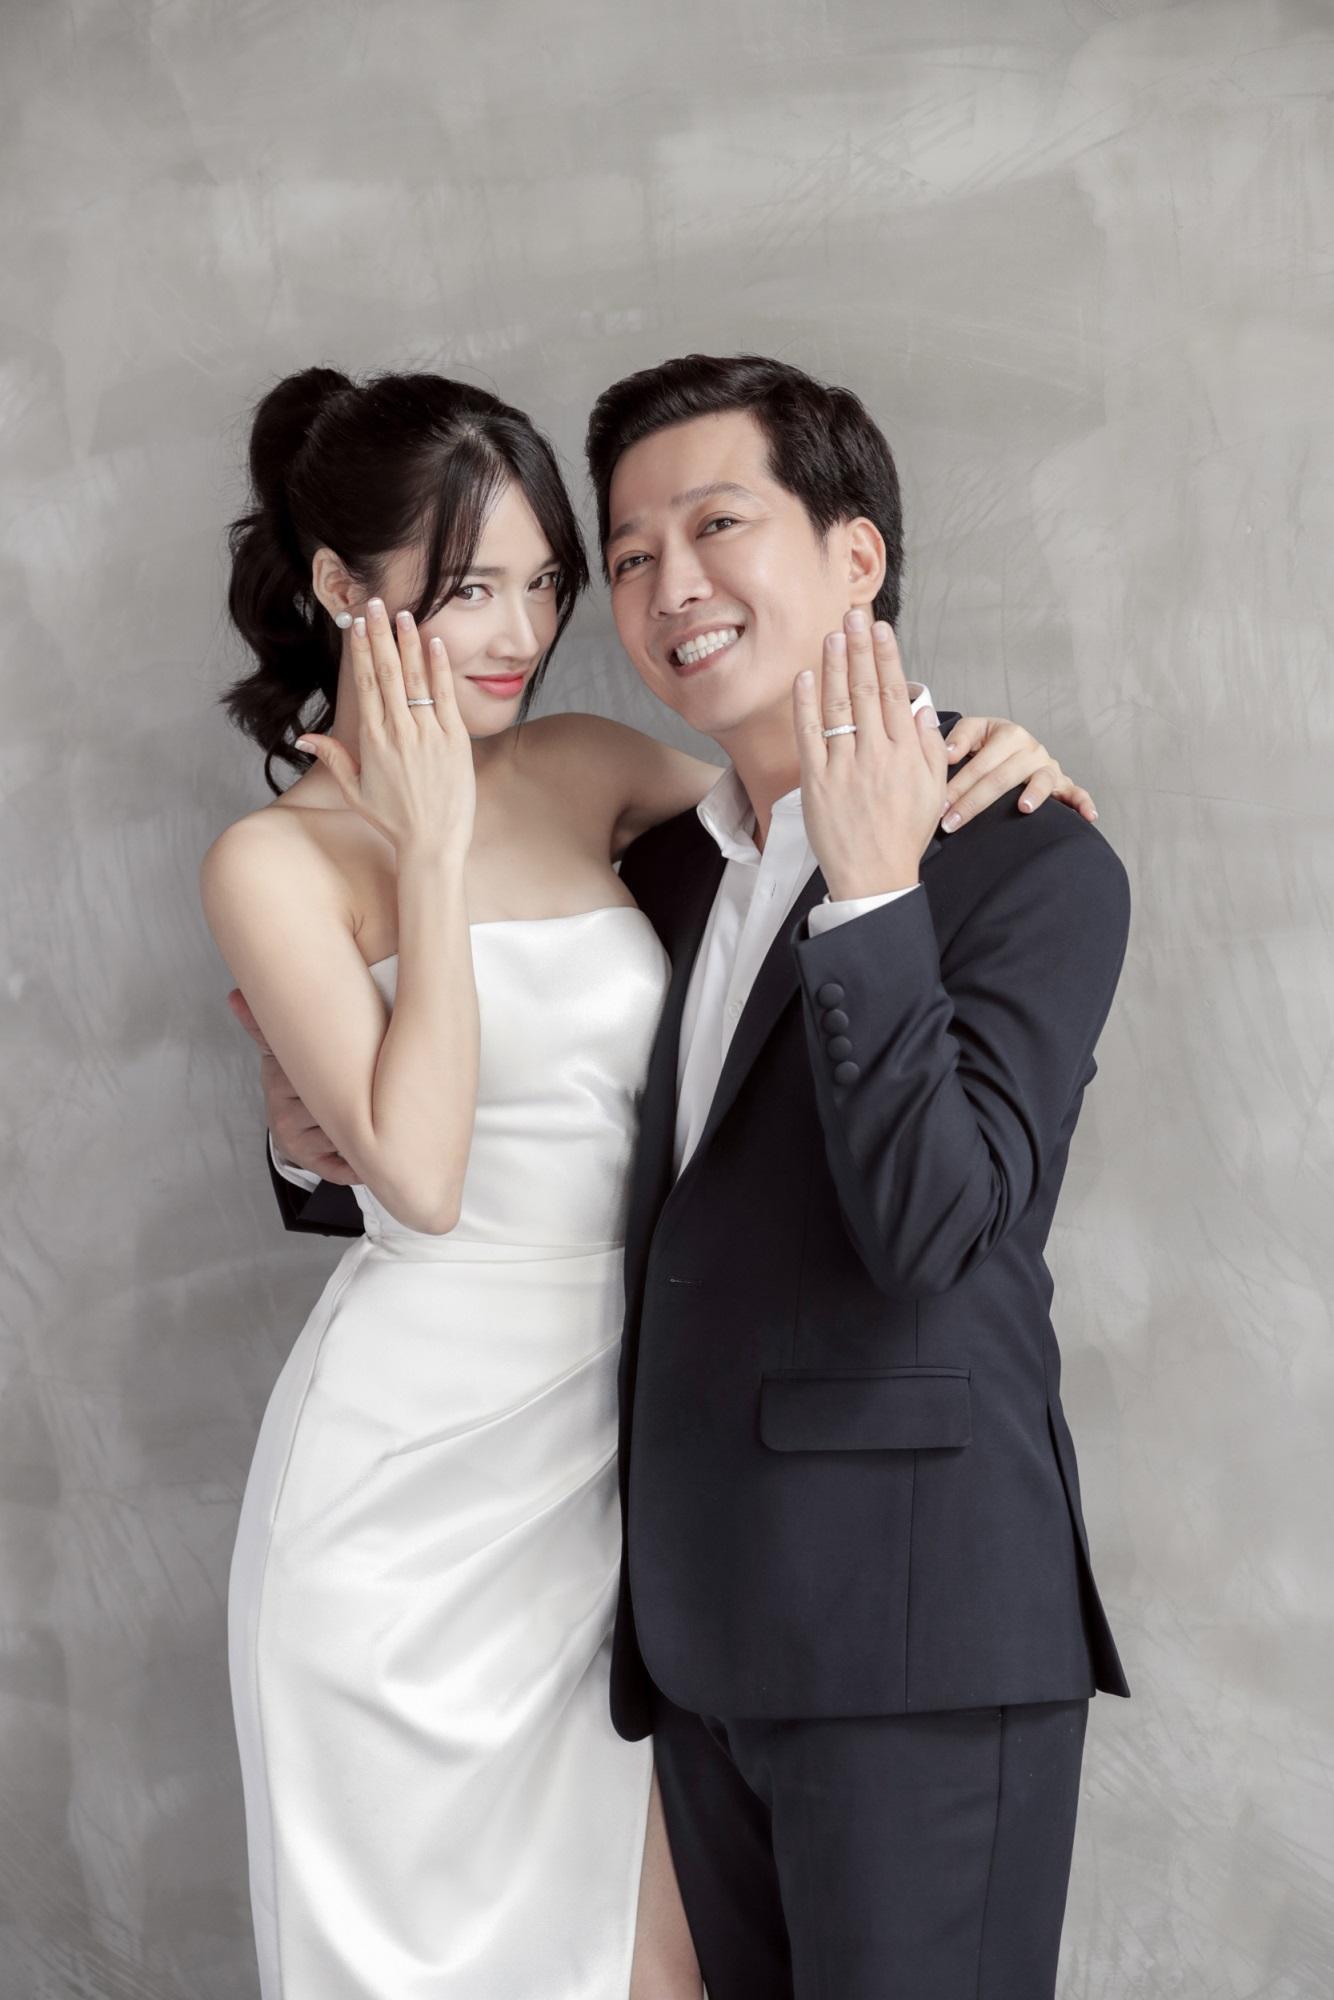 'Rụng tim' khi ngắm trọn bộ ảnh cưới đẹp như tranh vẽ của Trường Giang - Nhã Phương - Ảnh 2